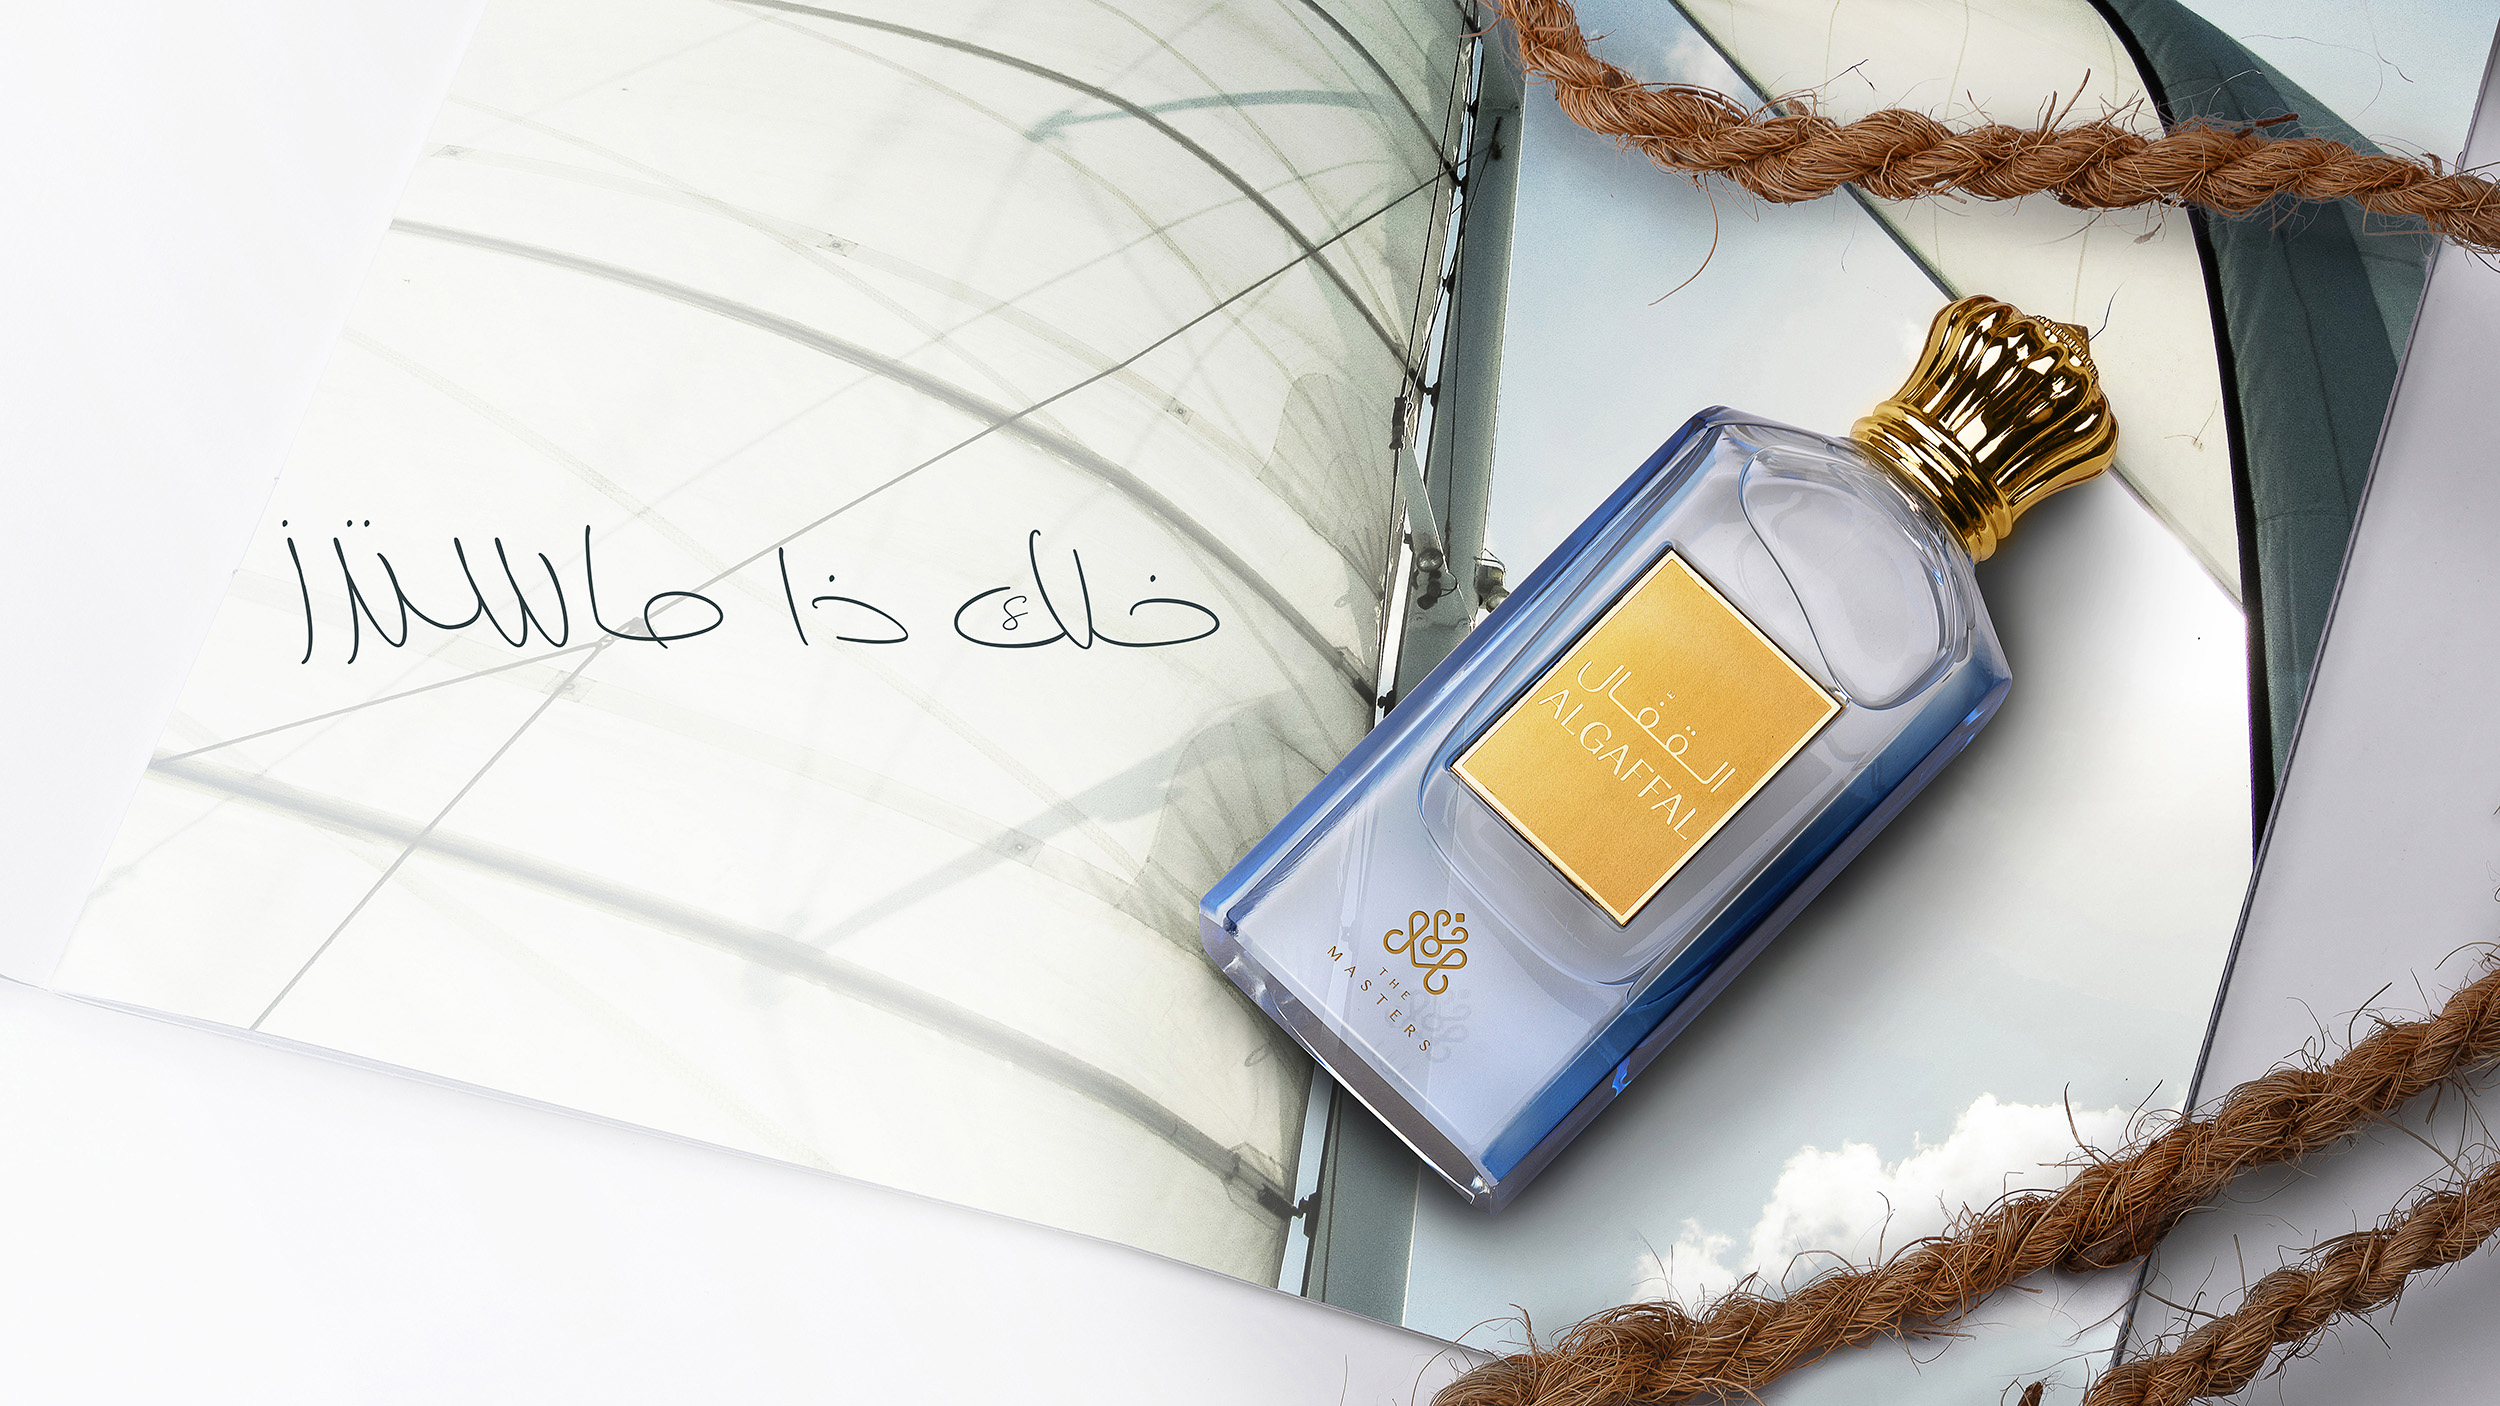 Al Gaffal perfume